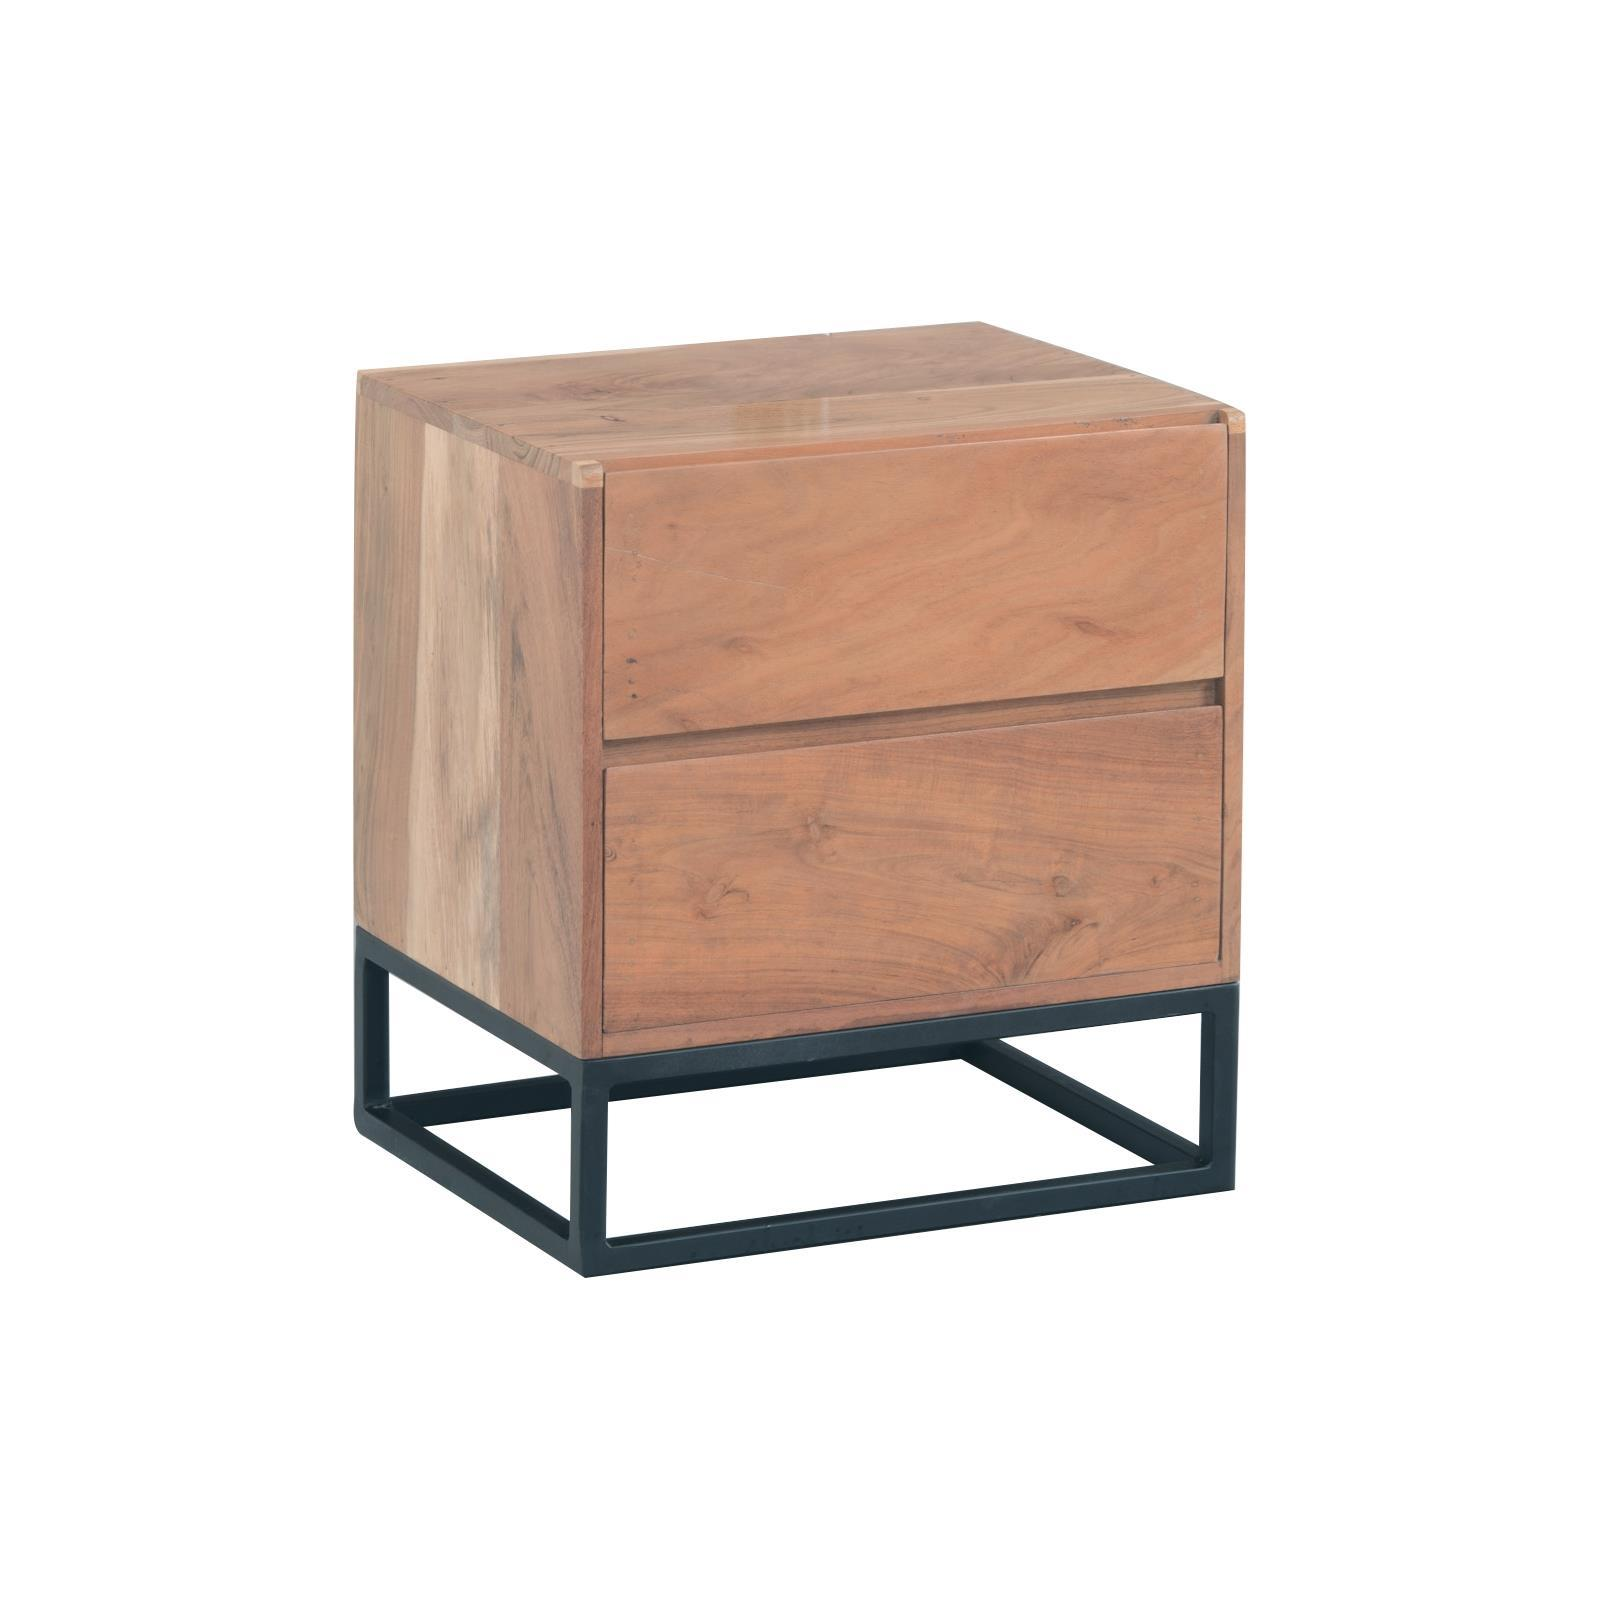 NEPAL κομοδίνο ξύλινο από ακακία με μεταλλικό σκελετό Υ55x50x40εκ.